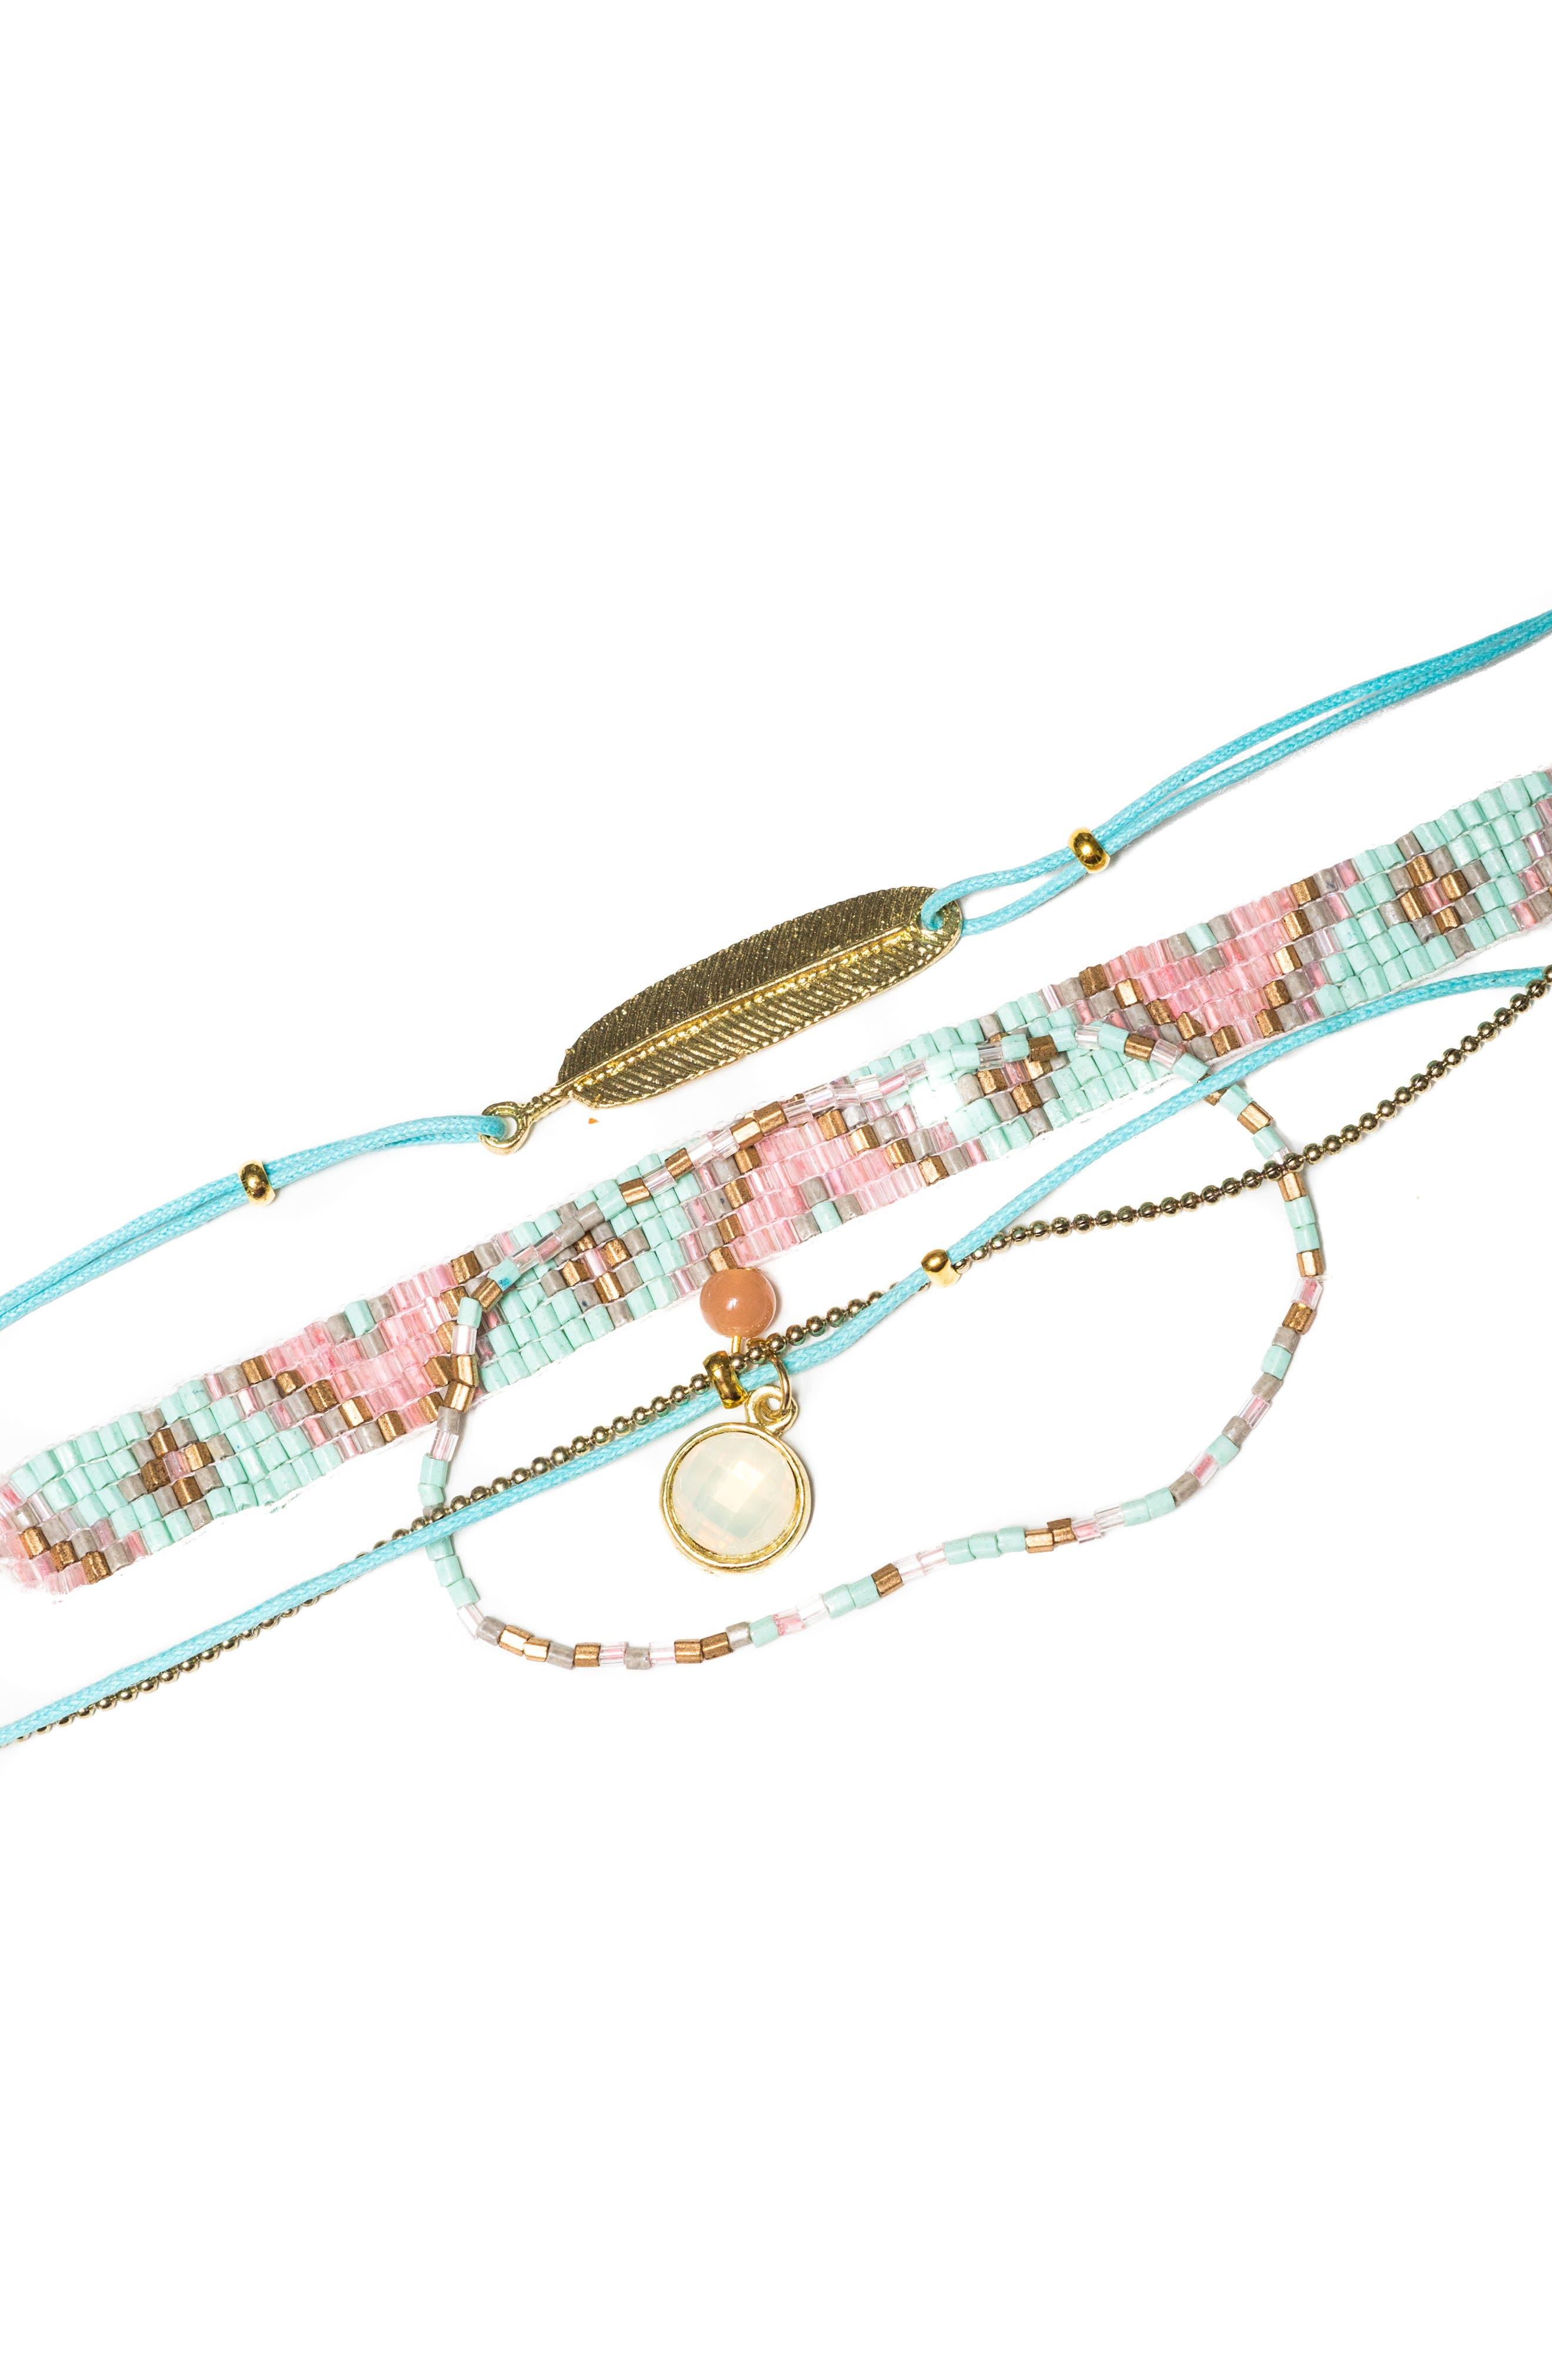 Shoshanna Lee Set of 4 Bead & Charm Bracelets